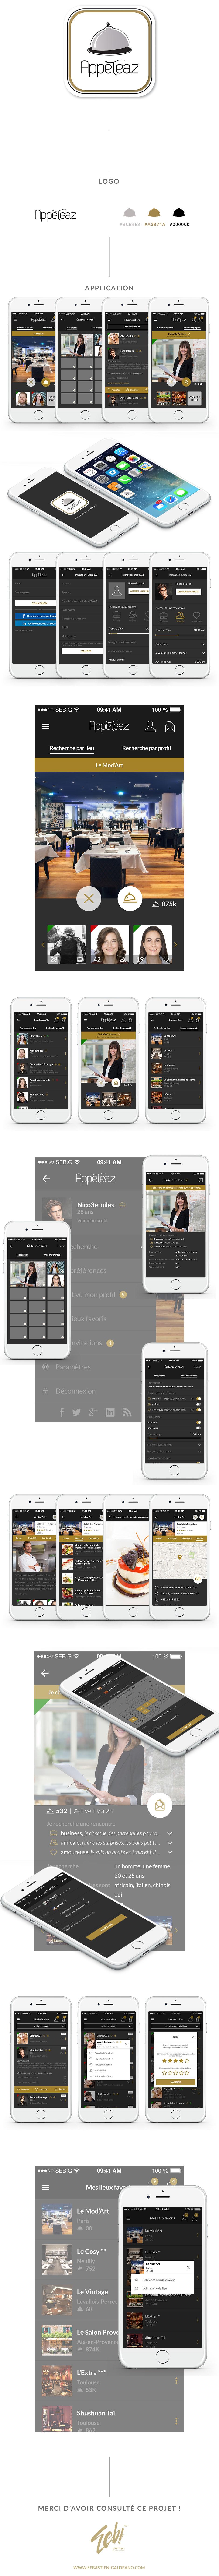 Appeteaz Est Une Application Pour Faire Des Rencontres Qui Commencent Par Une Invitation Au Restaura Application Iphone Projets Graphiques Faire Des Rencontres